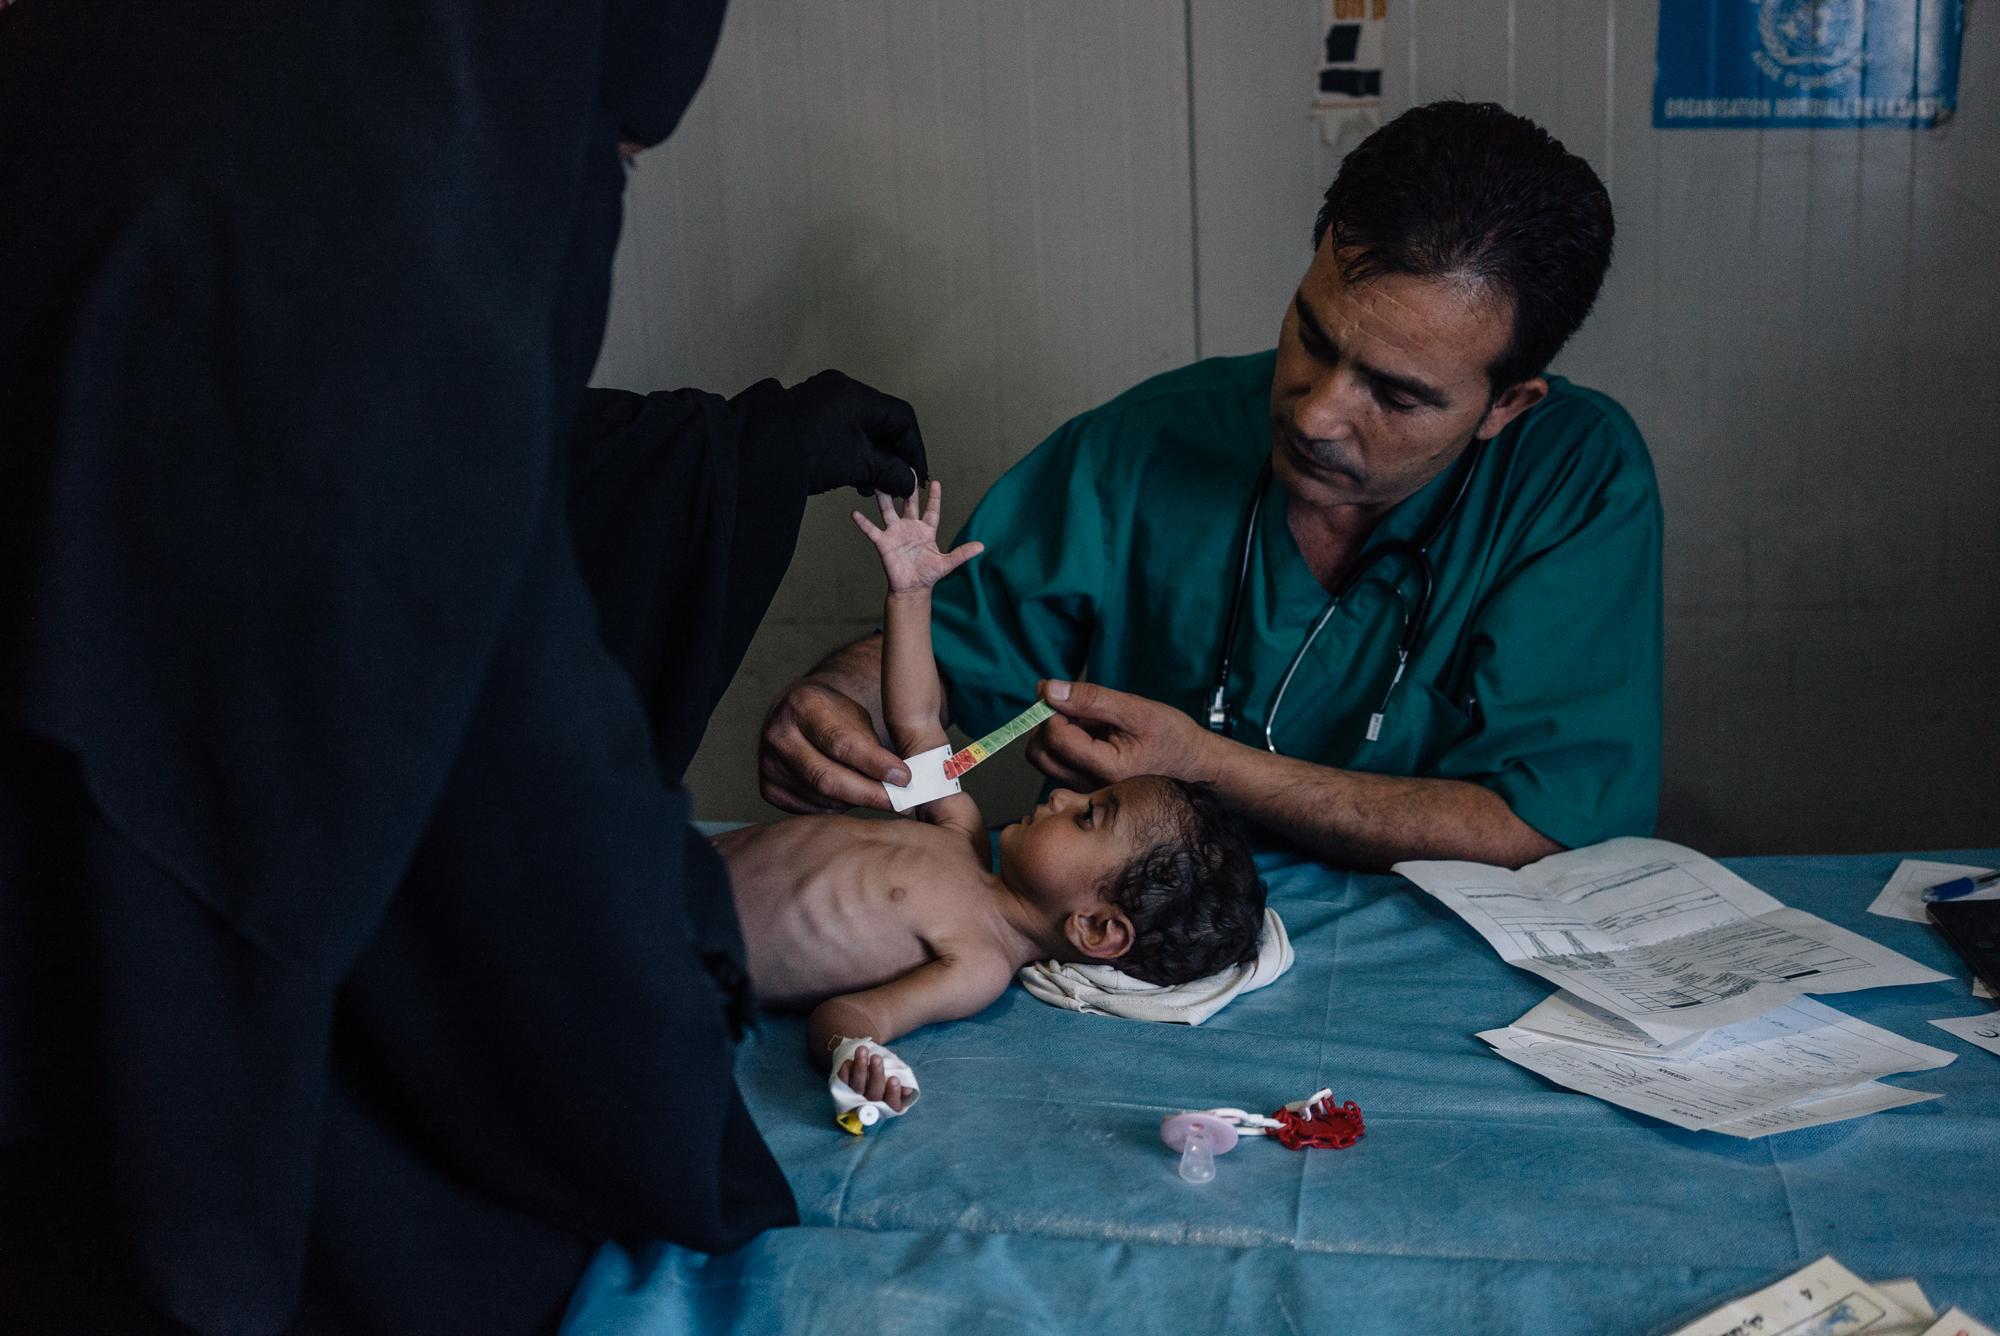 syria-May19-05078.jpg